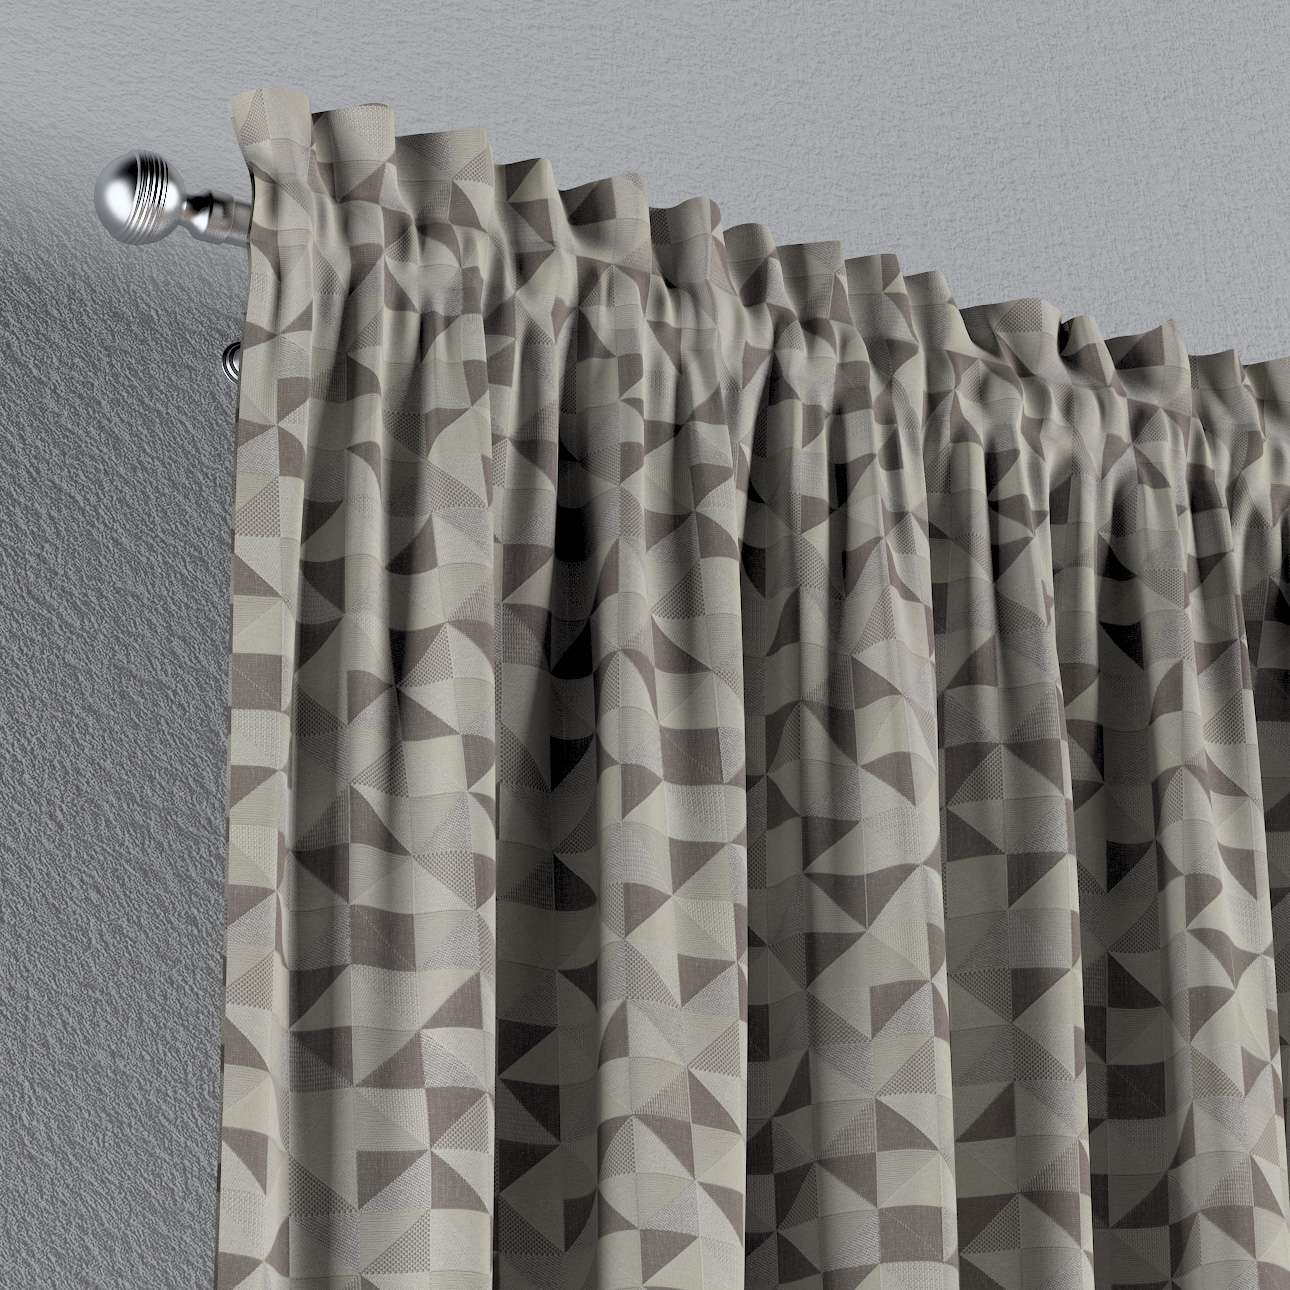 Vorhang mit Tunnel und Köpfchen von der Kollektion Retro Glam, Stoff: 142-85